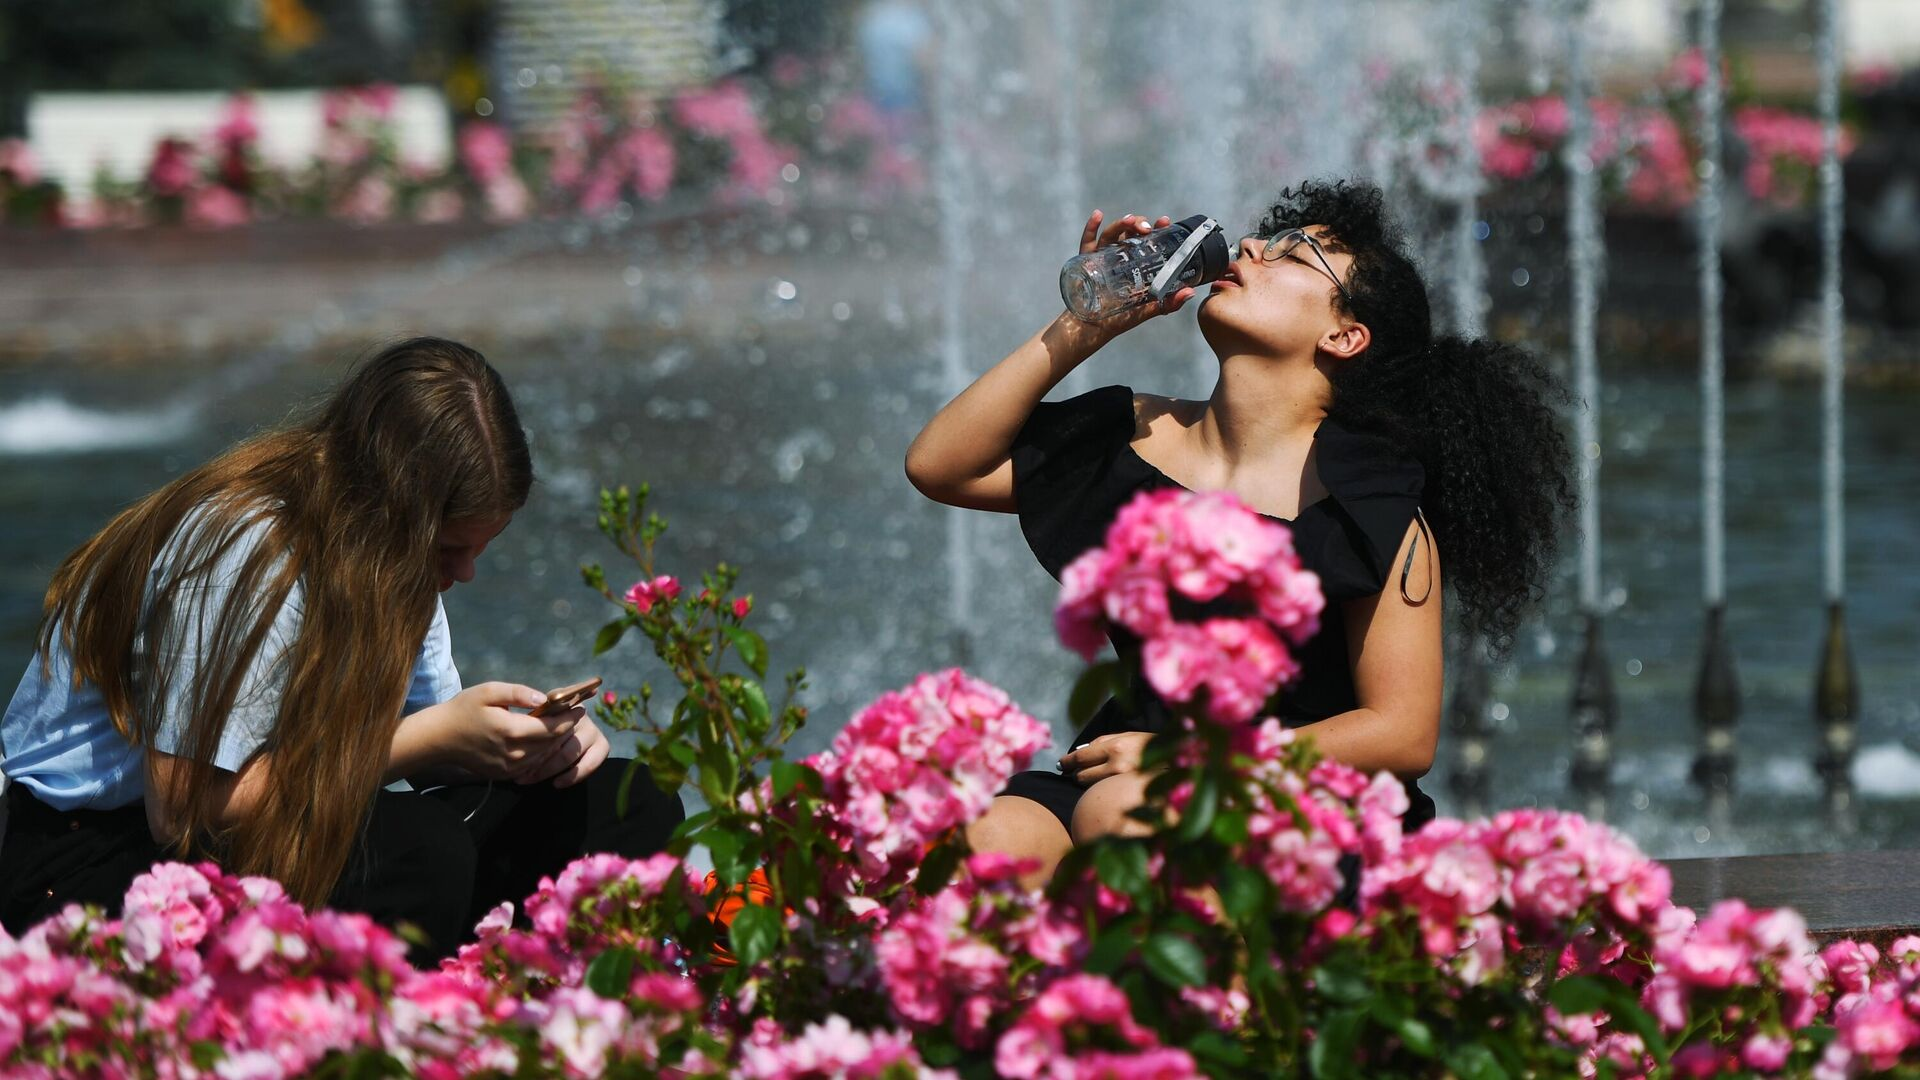 Люди отдыхают у фонтана в жаркий день на территории парка ВДНХ в Москве - РИА Новости, 1920, 07.05.2021